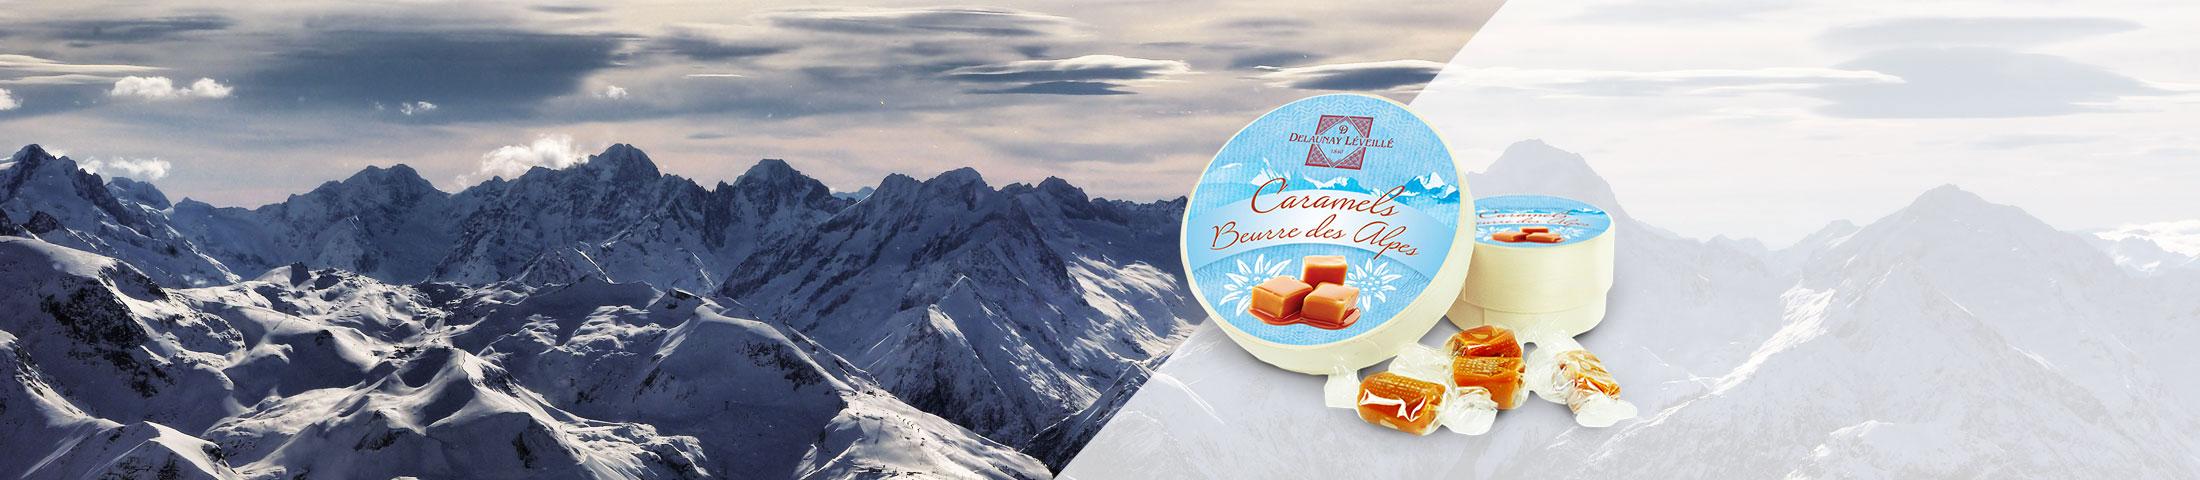 slide-caramels-beurre-des-alpes-delaunay-leveille